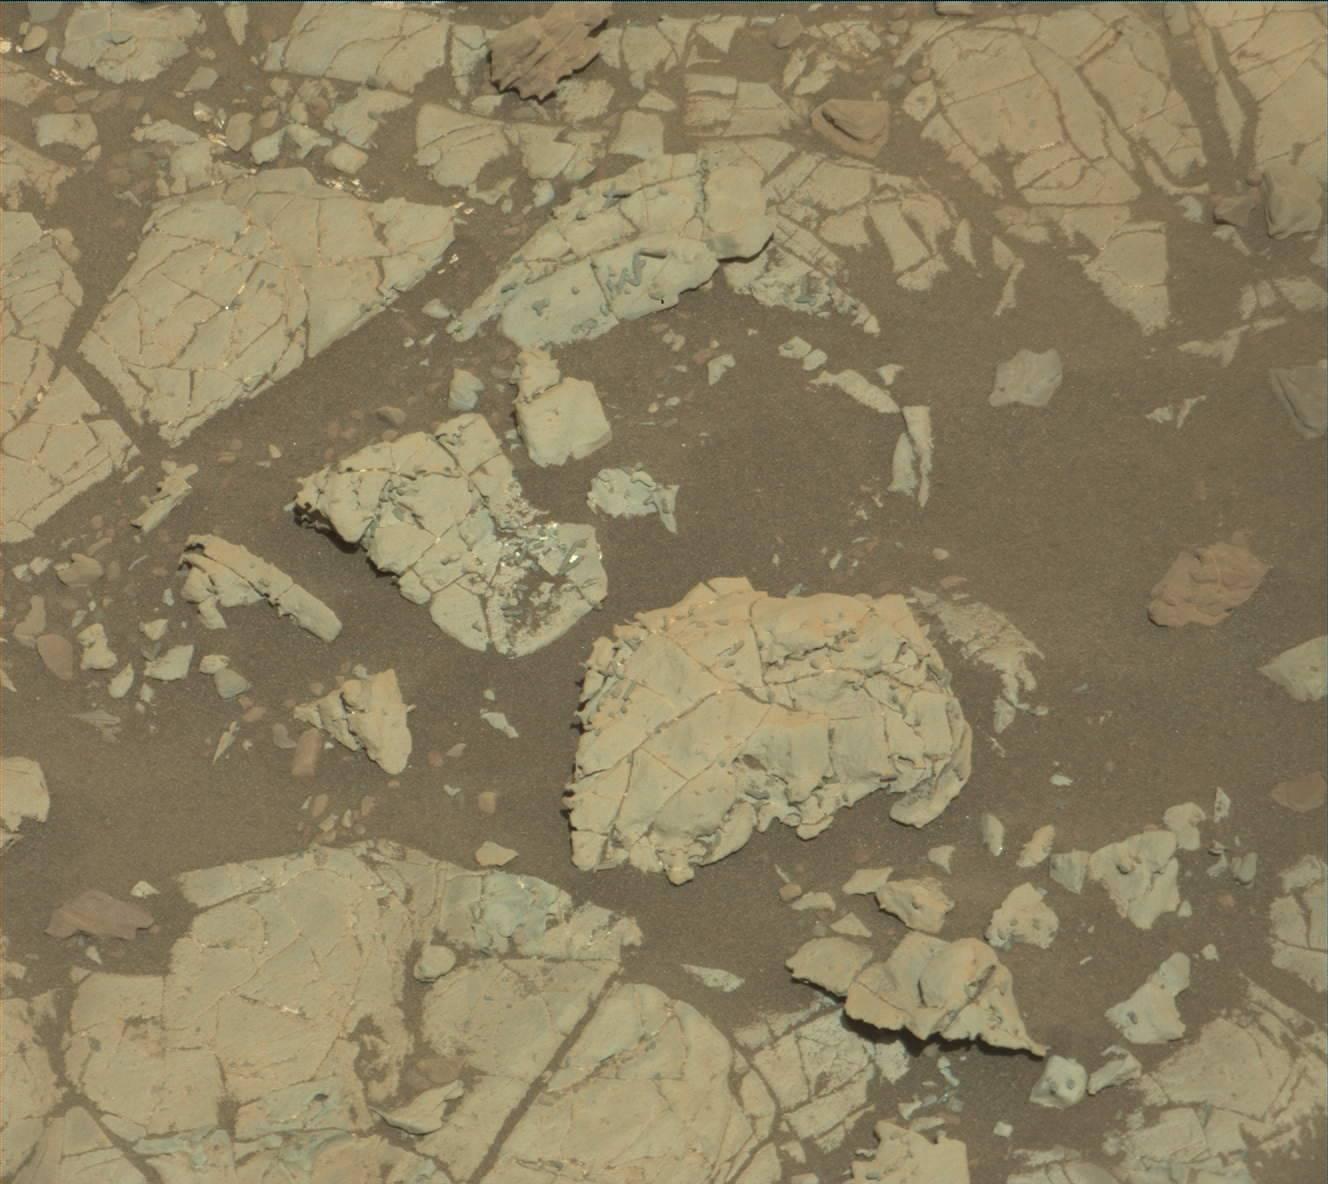 ¿Se han encontrado rastros de fósiles en Marte? 1905MR0099940220900105E01_DXXX